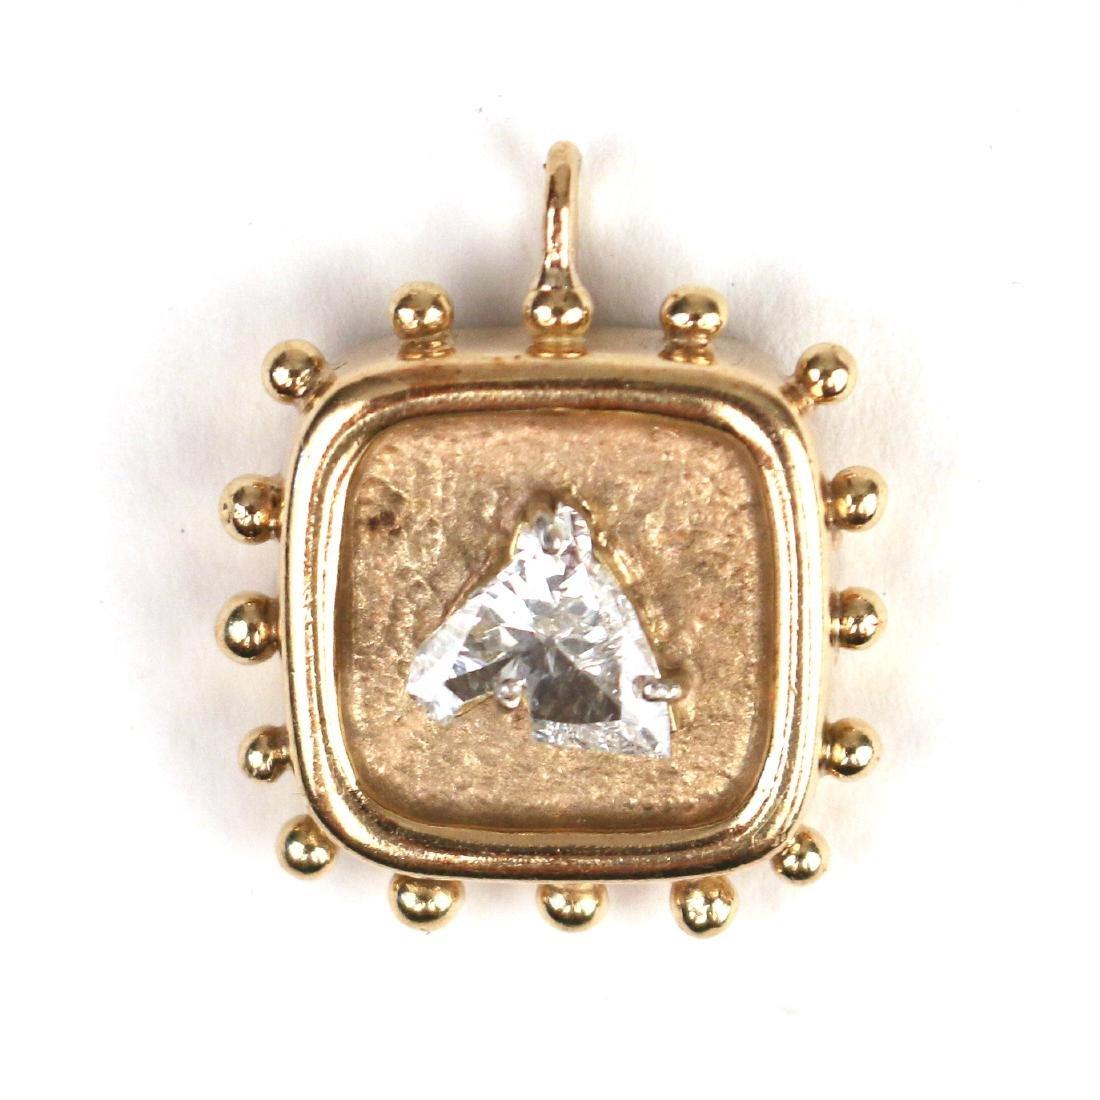 UNUSUAL HORSEHEAD DIAMOND PENDANT